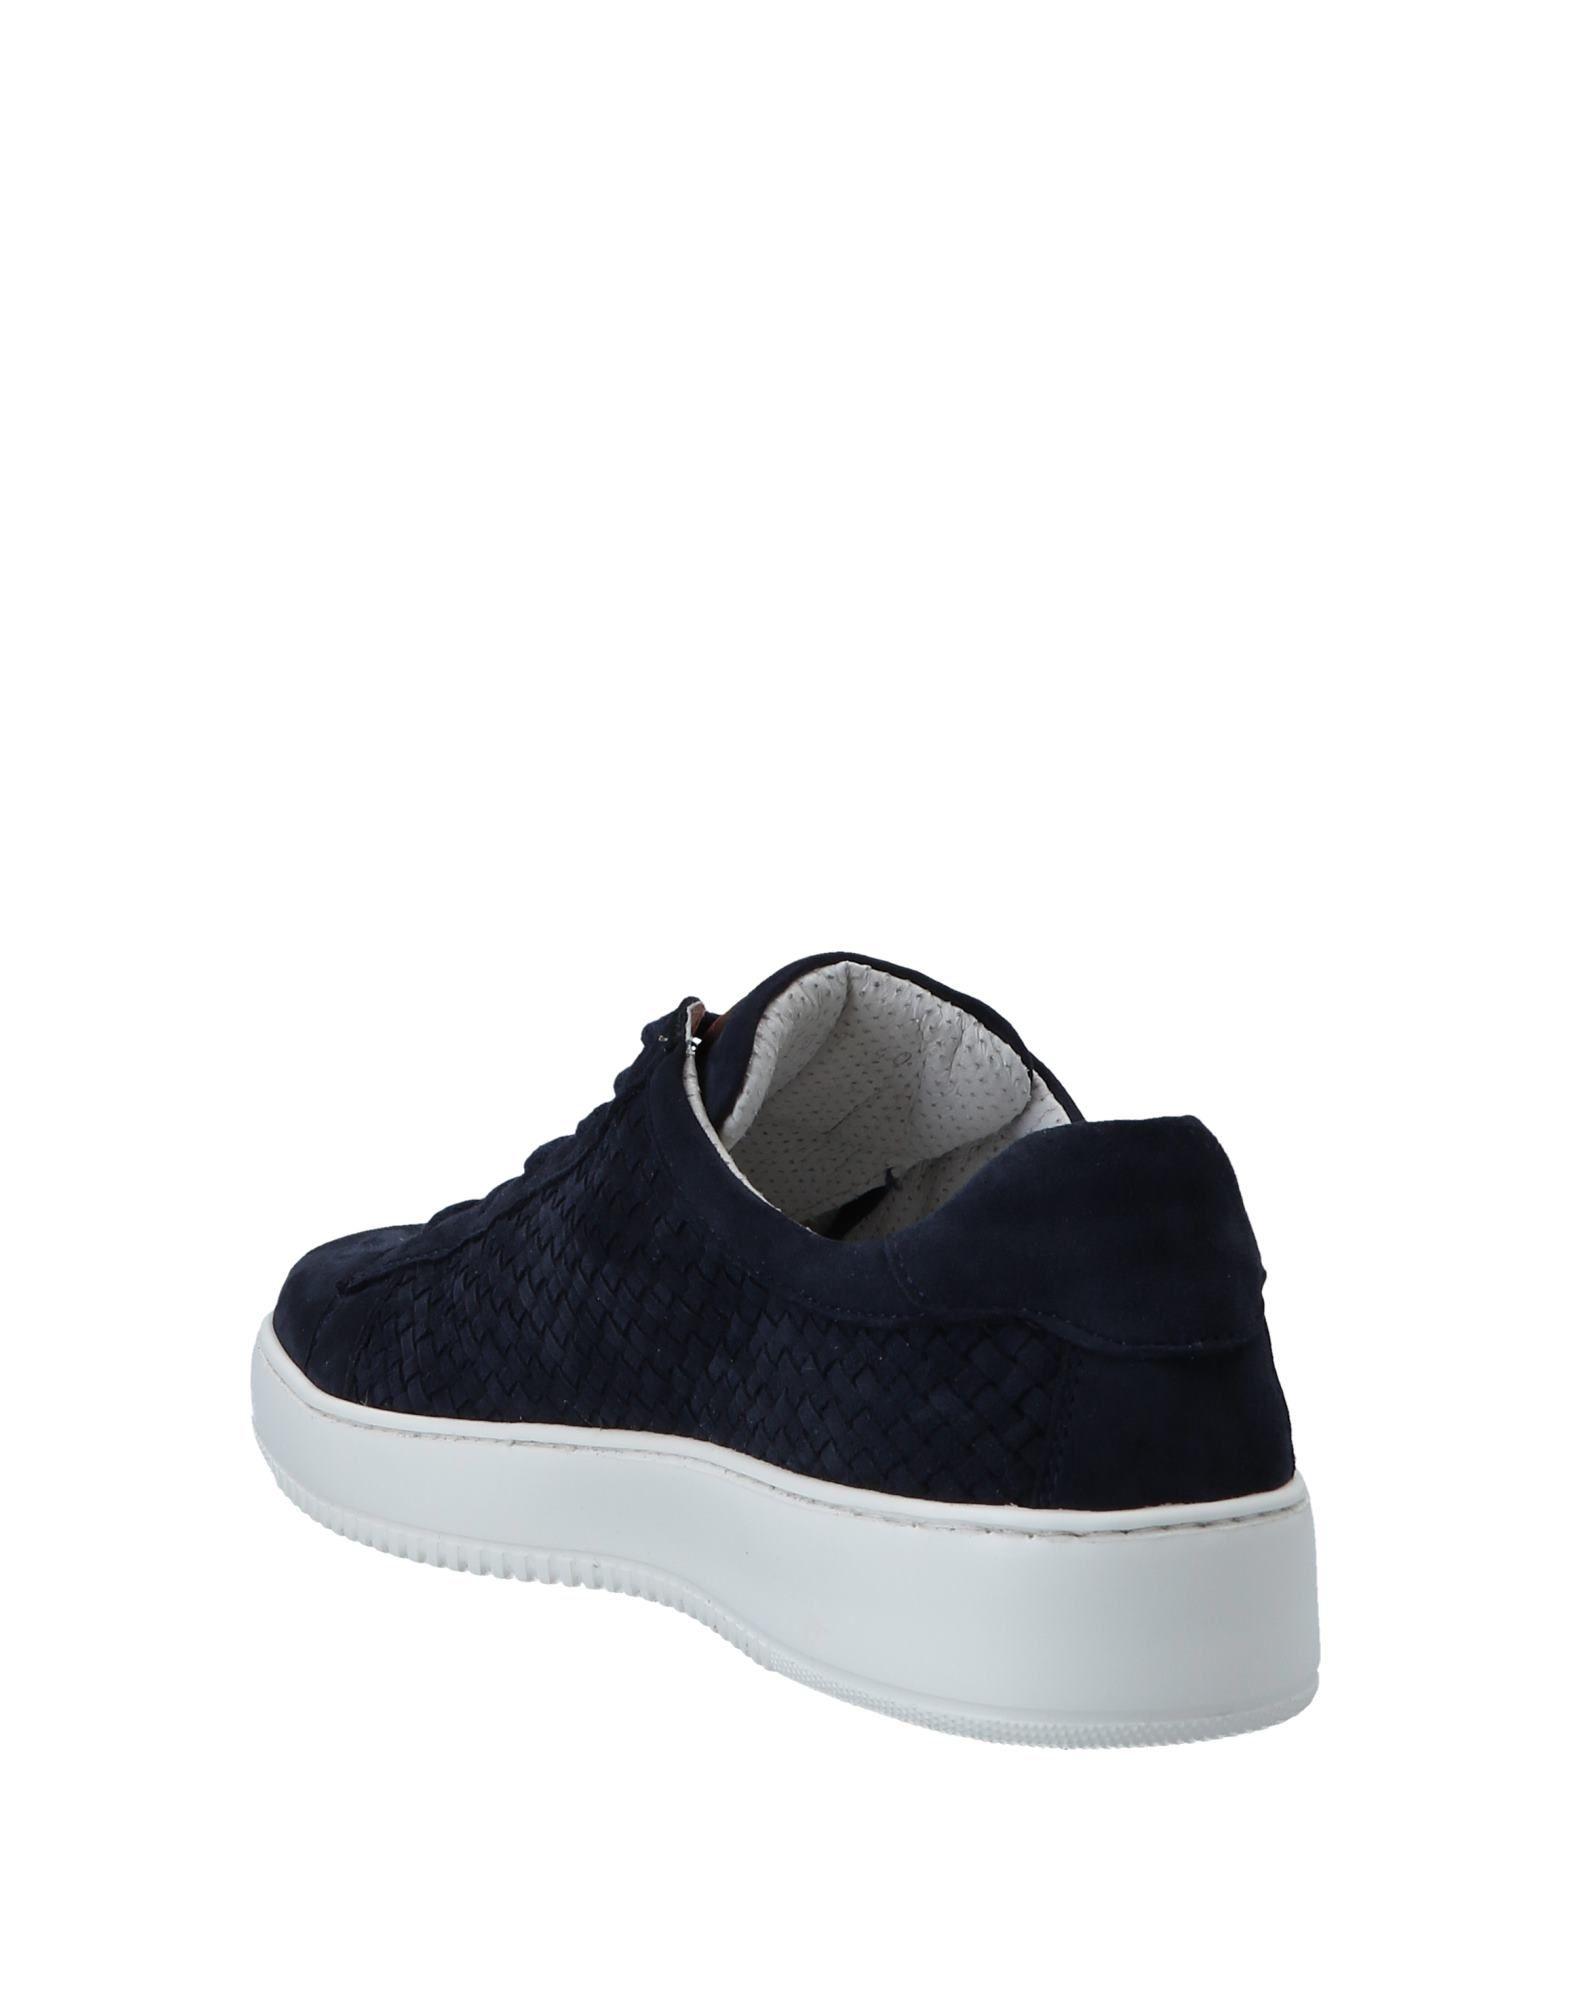 Roberto Botticelli Sneakers Qualität Herren  11554416PA Gute Qualität Sneakers beliebte Schuhe b26938